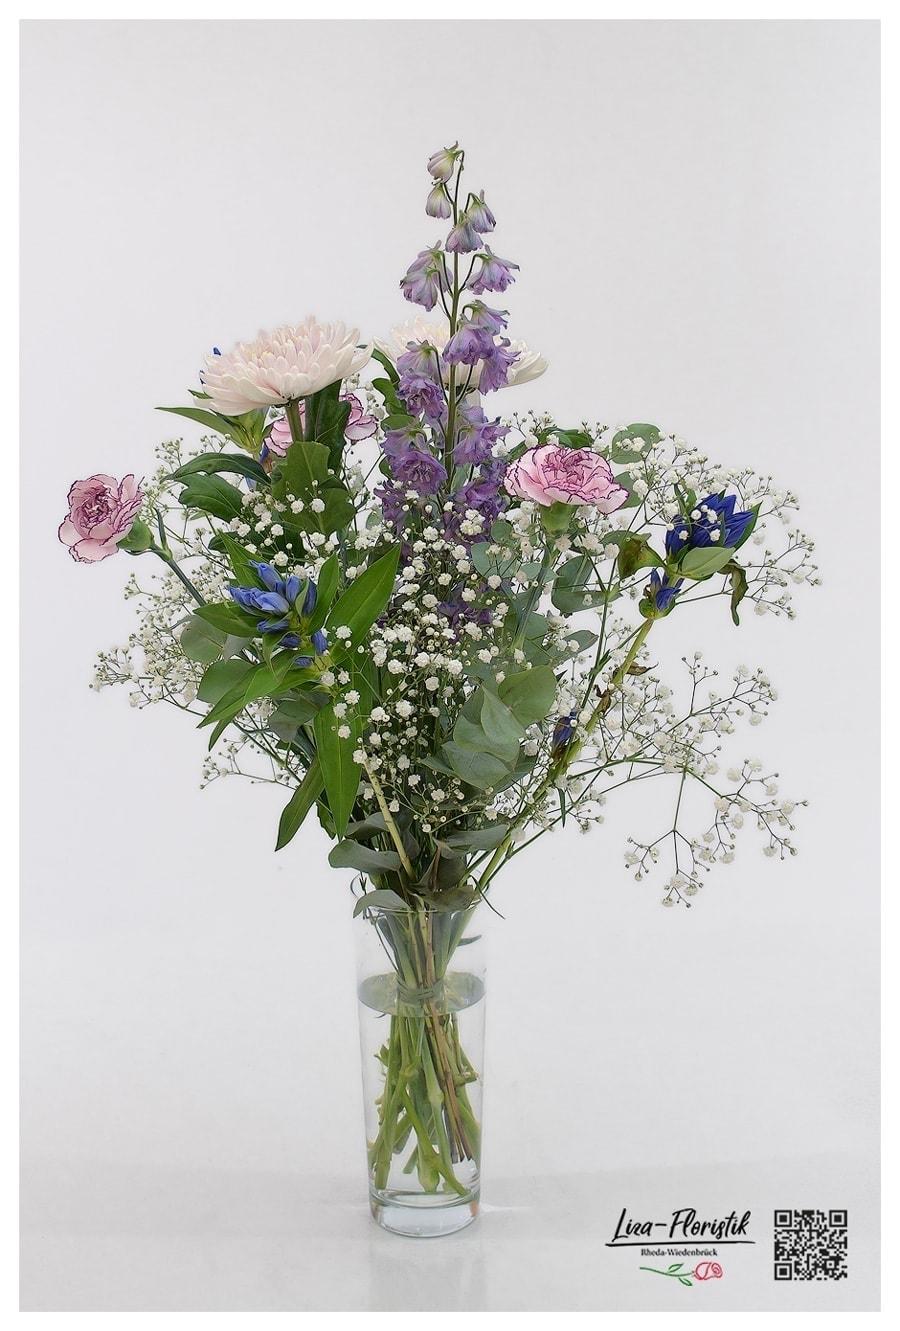 Blumenstrauß mit Schleierkraut, Nelke, Enzian, Rittersporn und Chrysantheme